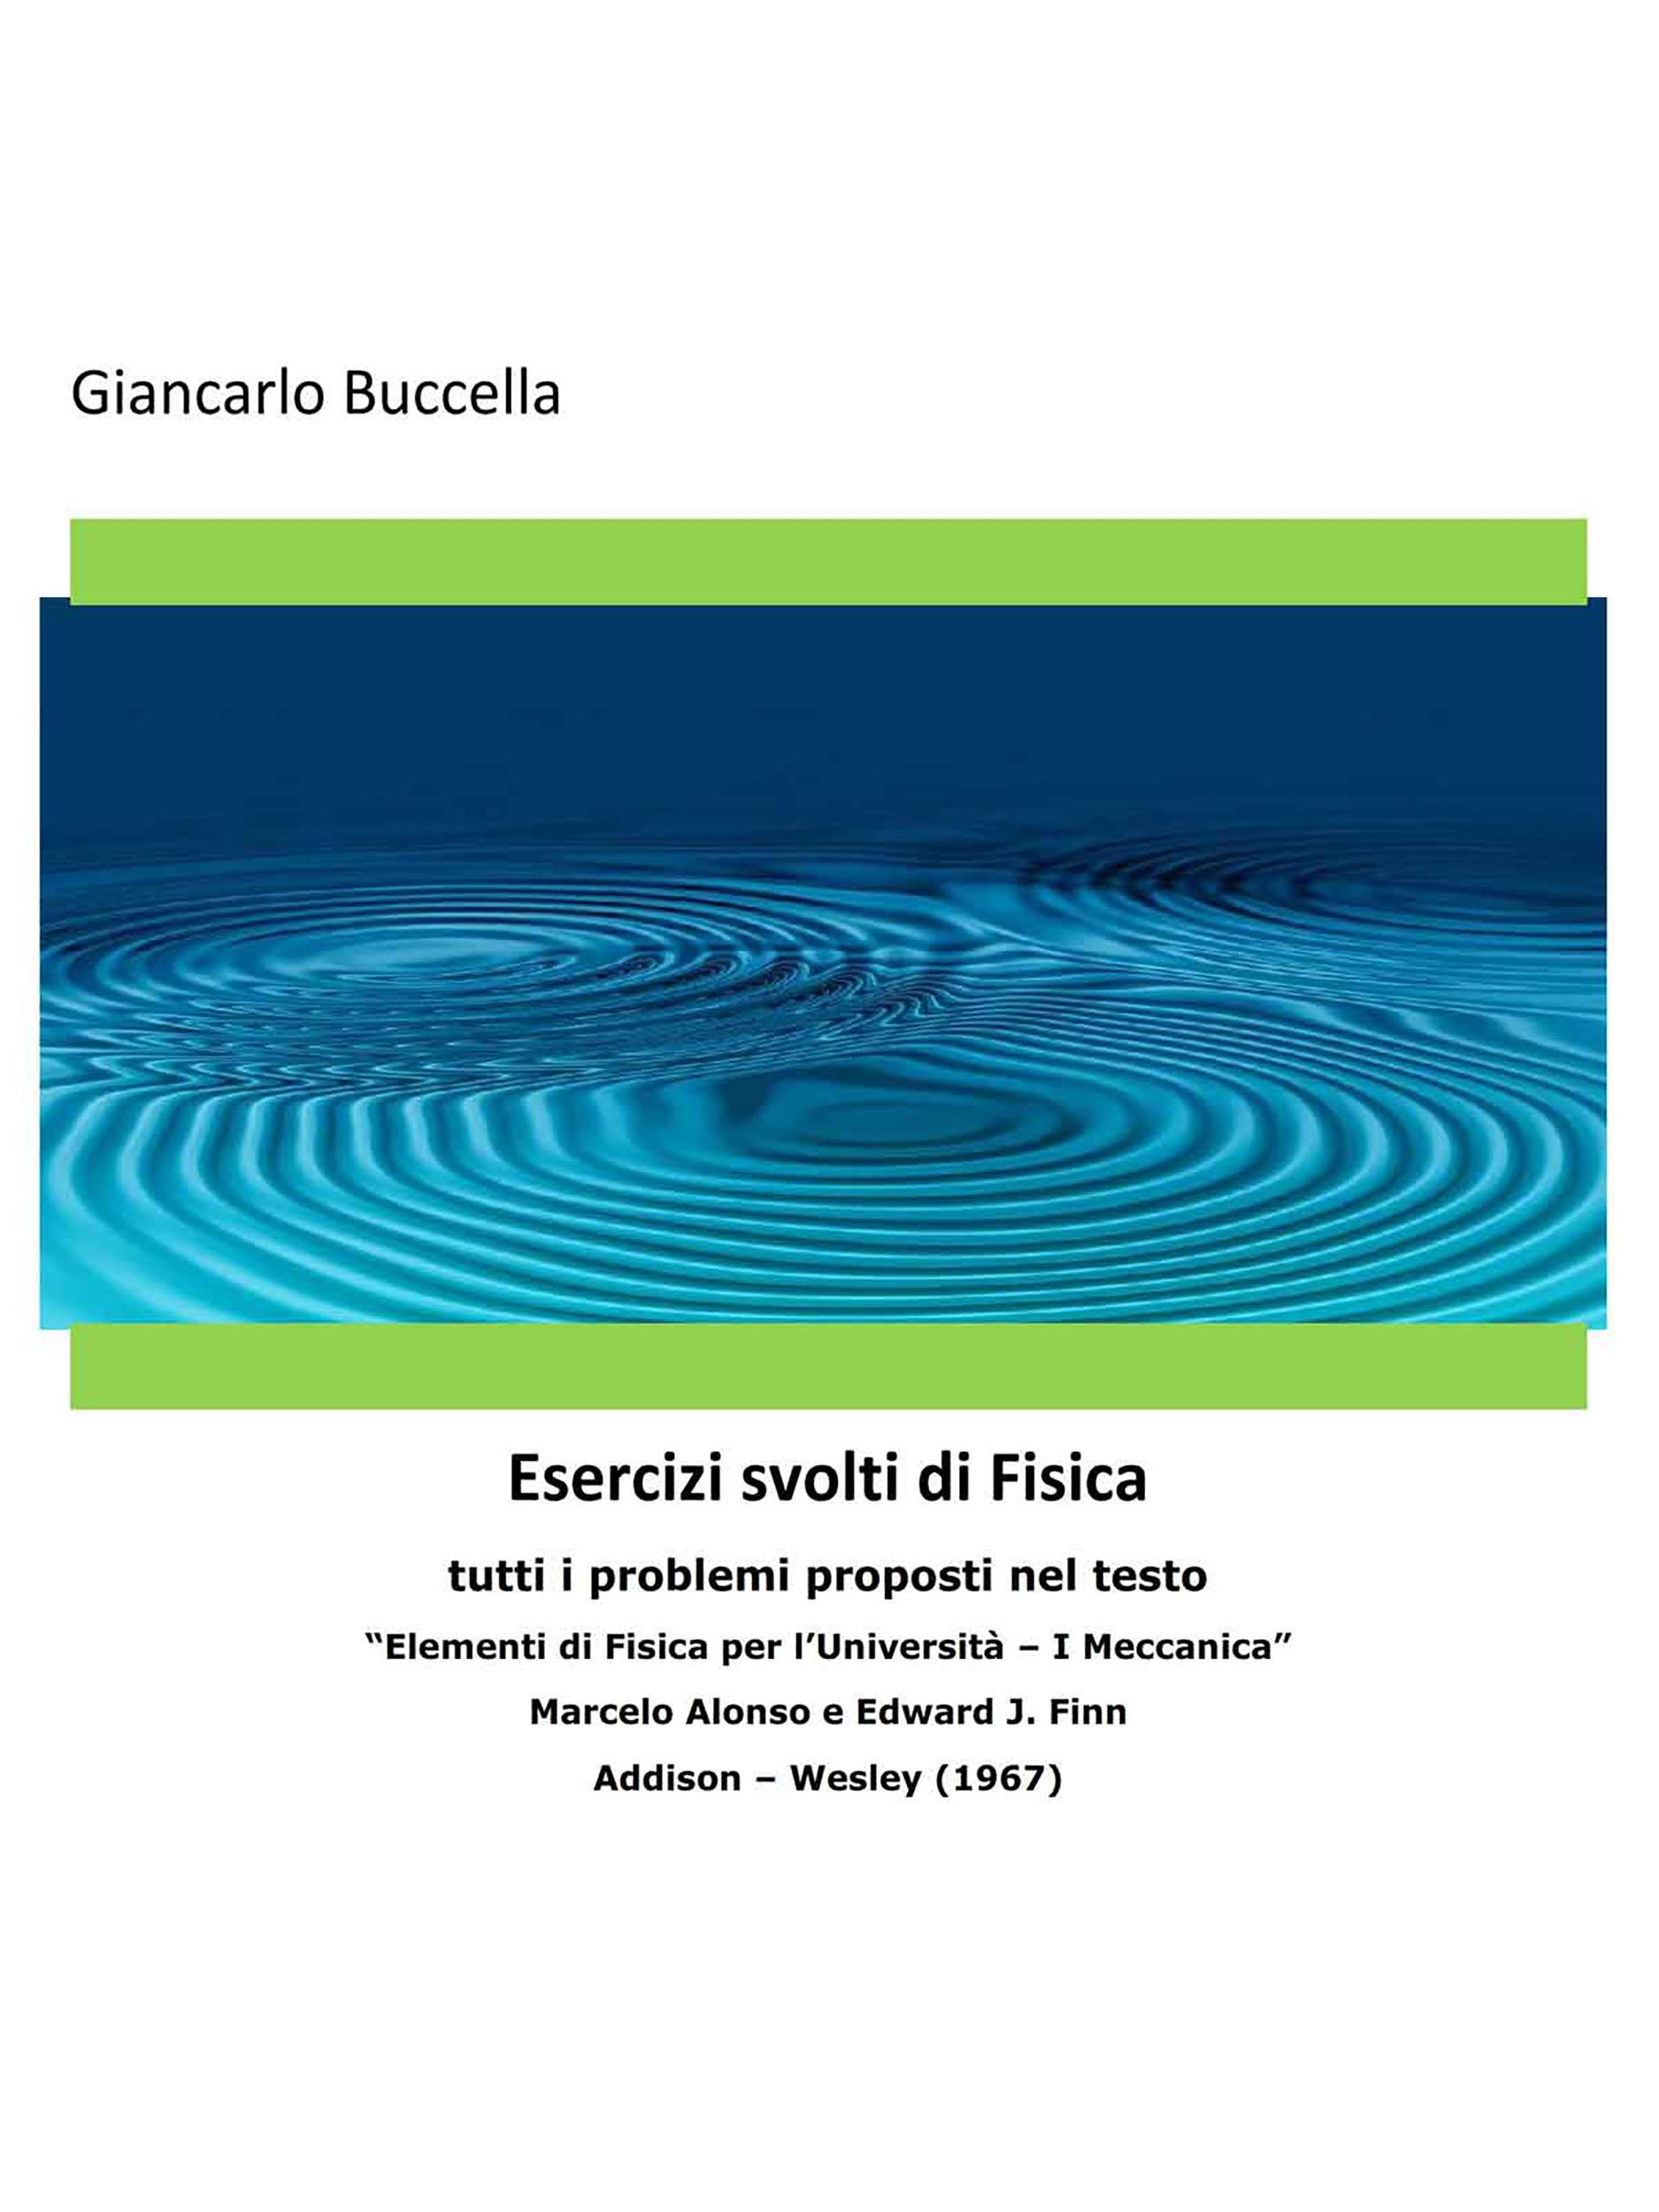 """Problemi di Fisica 1 - tutti i problemi proposti nel testo  """"Elementi di Fisica per l'Università – Vol. 1 Meccanica"""" - Marcelo Alonso e Edward J. Finn - Addison – Wesley (1967)"""